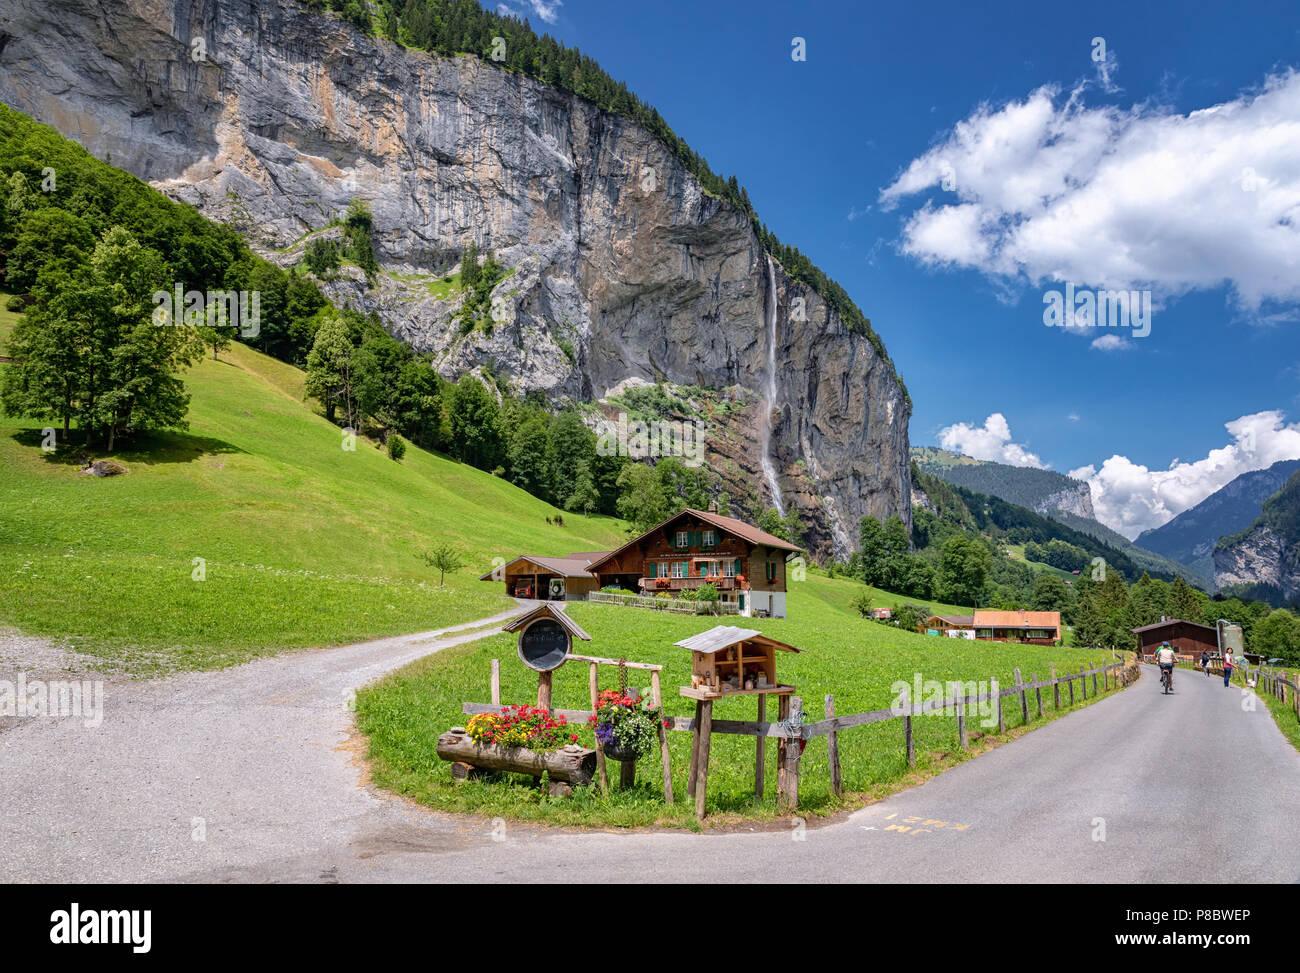 Vista de una granja cerca de Lauterbrunnen y con Staubbach cae en el fondo, Interlaken-Oberhasli, Berna, Suiza Foto de stock